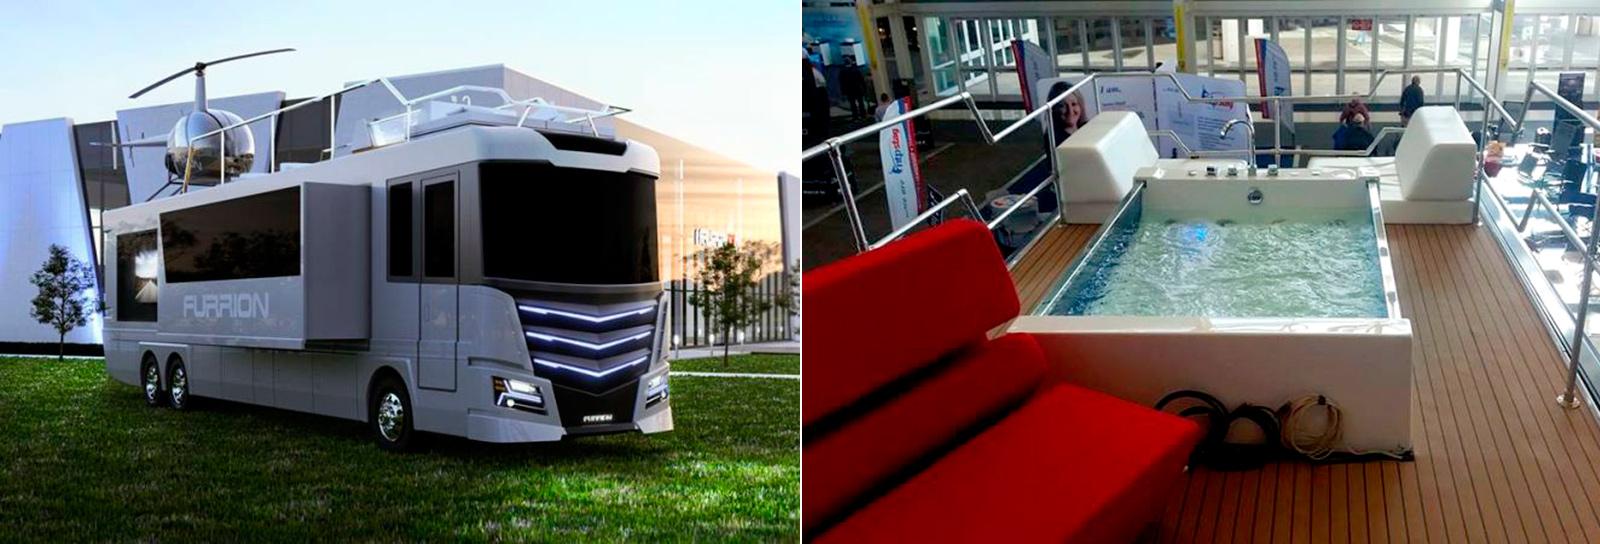 Empresa lança motorhome de luxo (e de sonho) com banheira de hidromassagem no topo